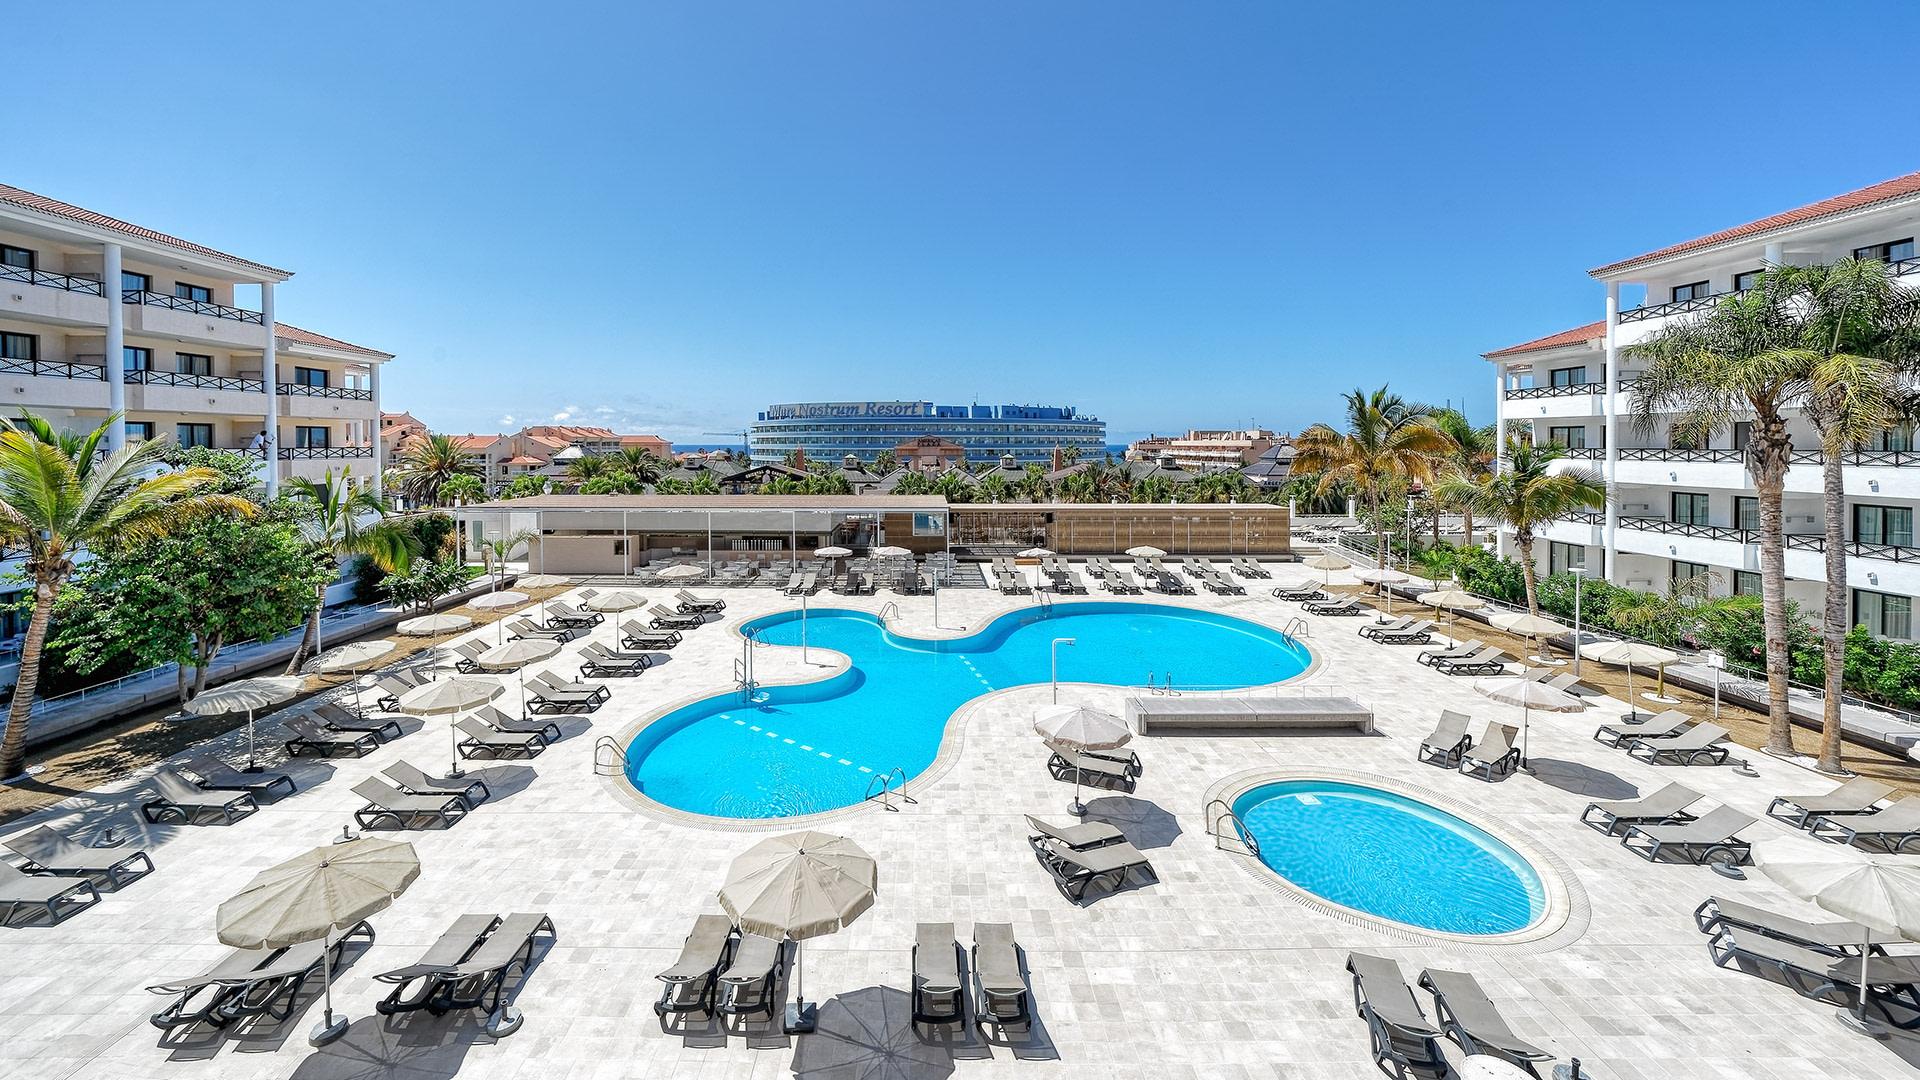 Hotel Parque La Paz